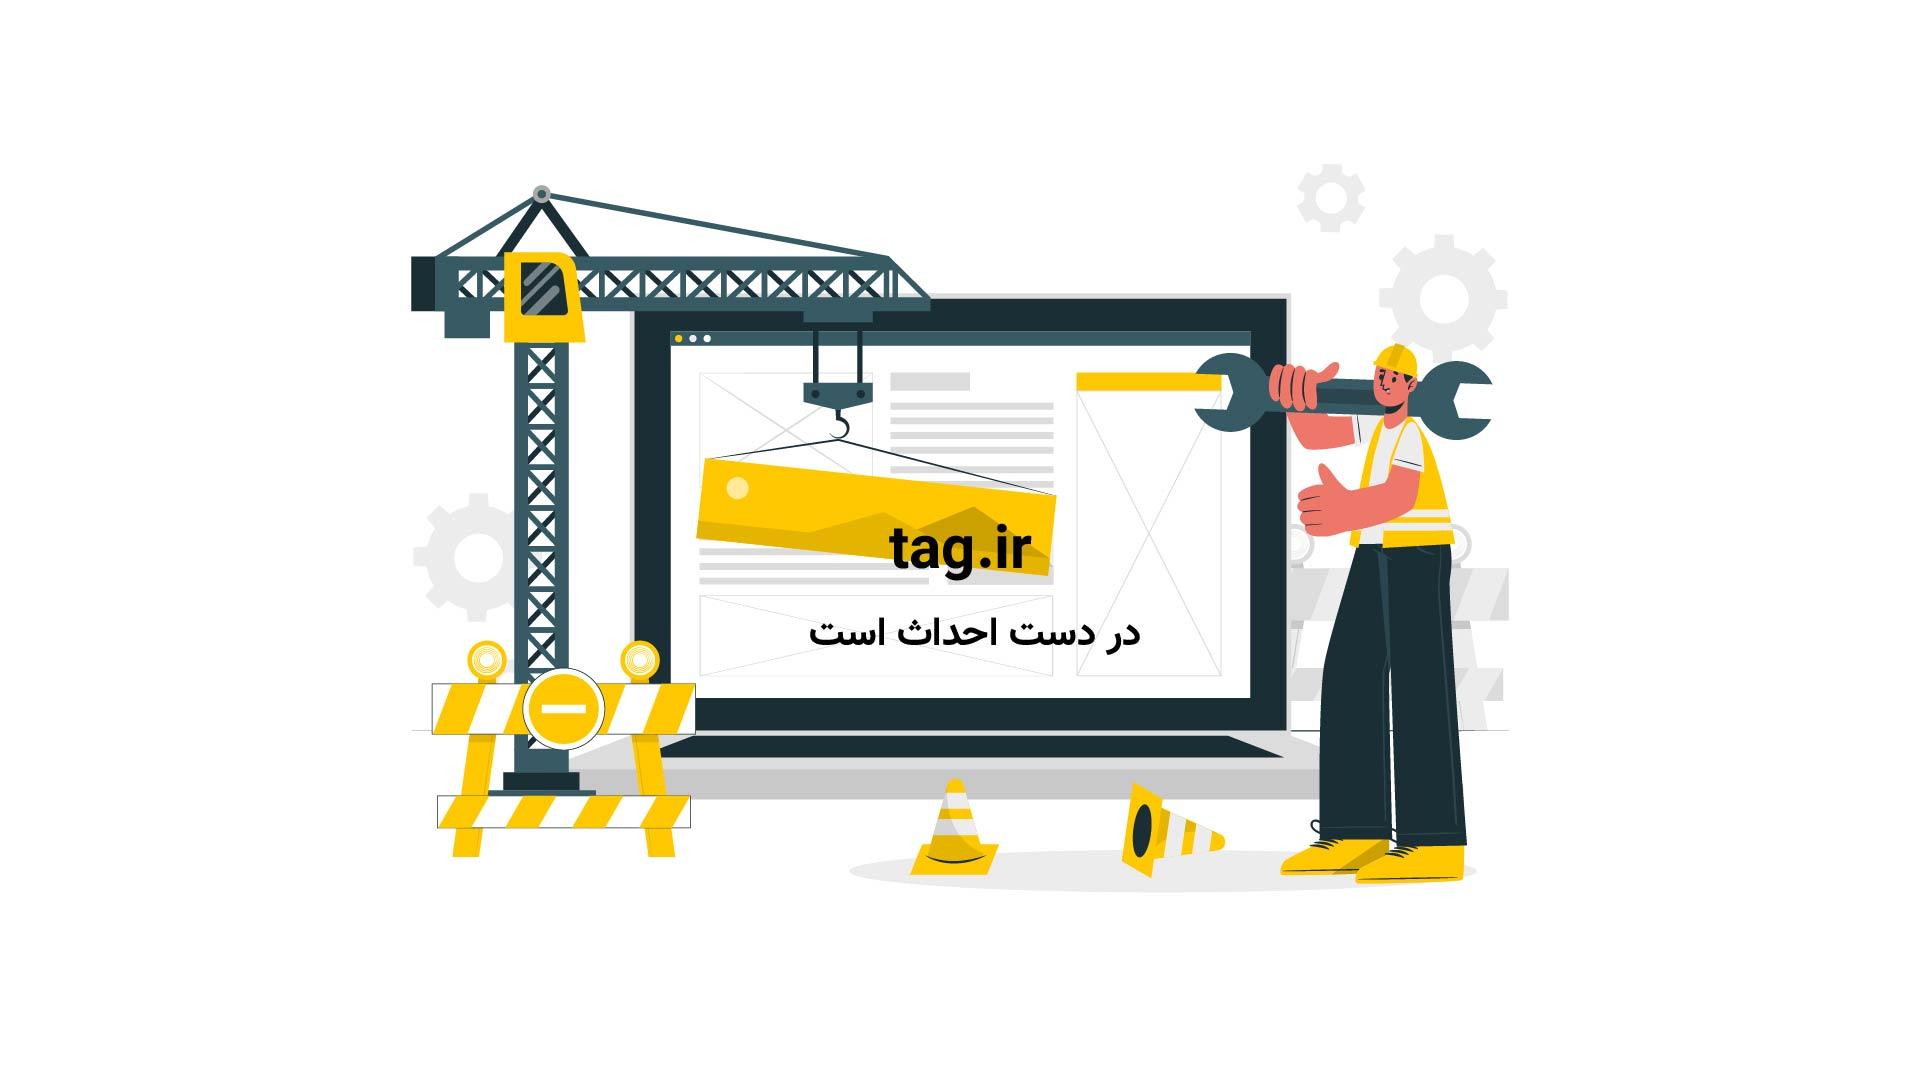 روستا و پل تاریخی خرانق در استان یزد | فیلم